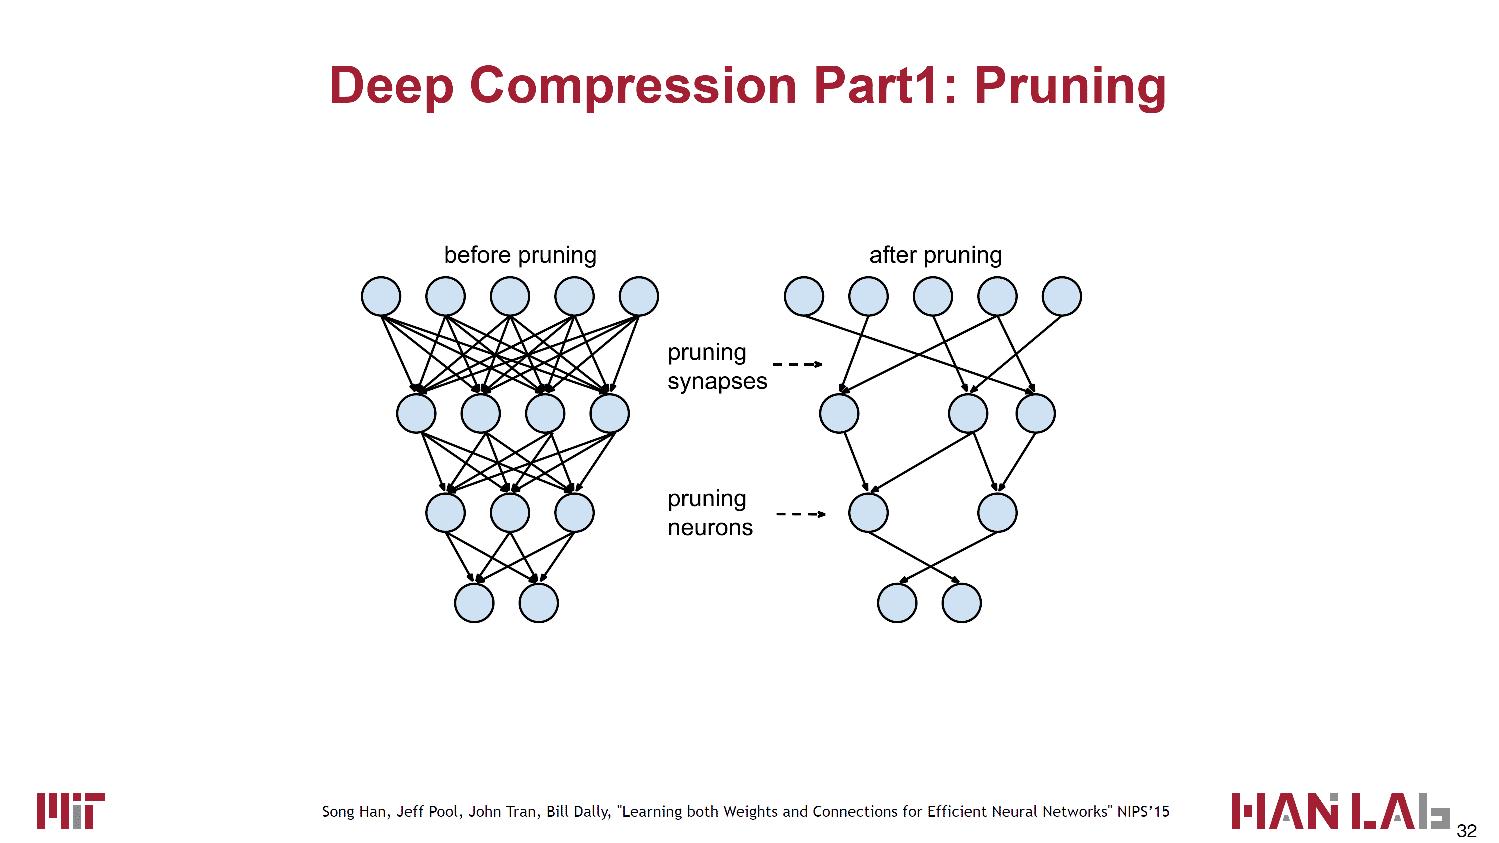 Neuronale Netze lassen sich stark komprimieren, ohne dass die Fehlerraten dadurch ansteigen.